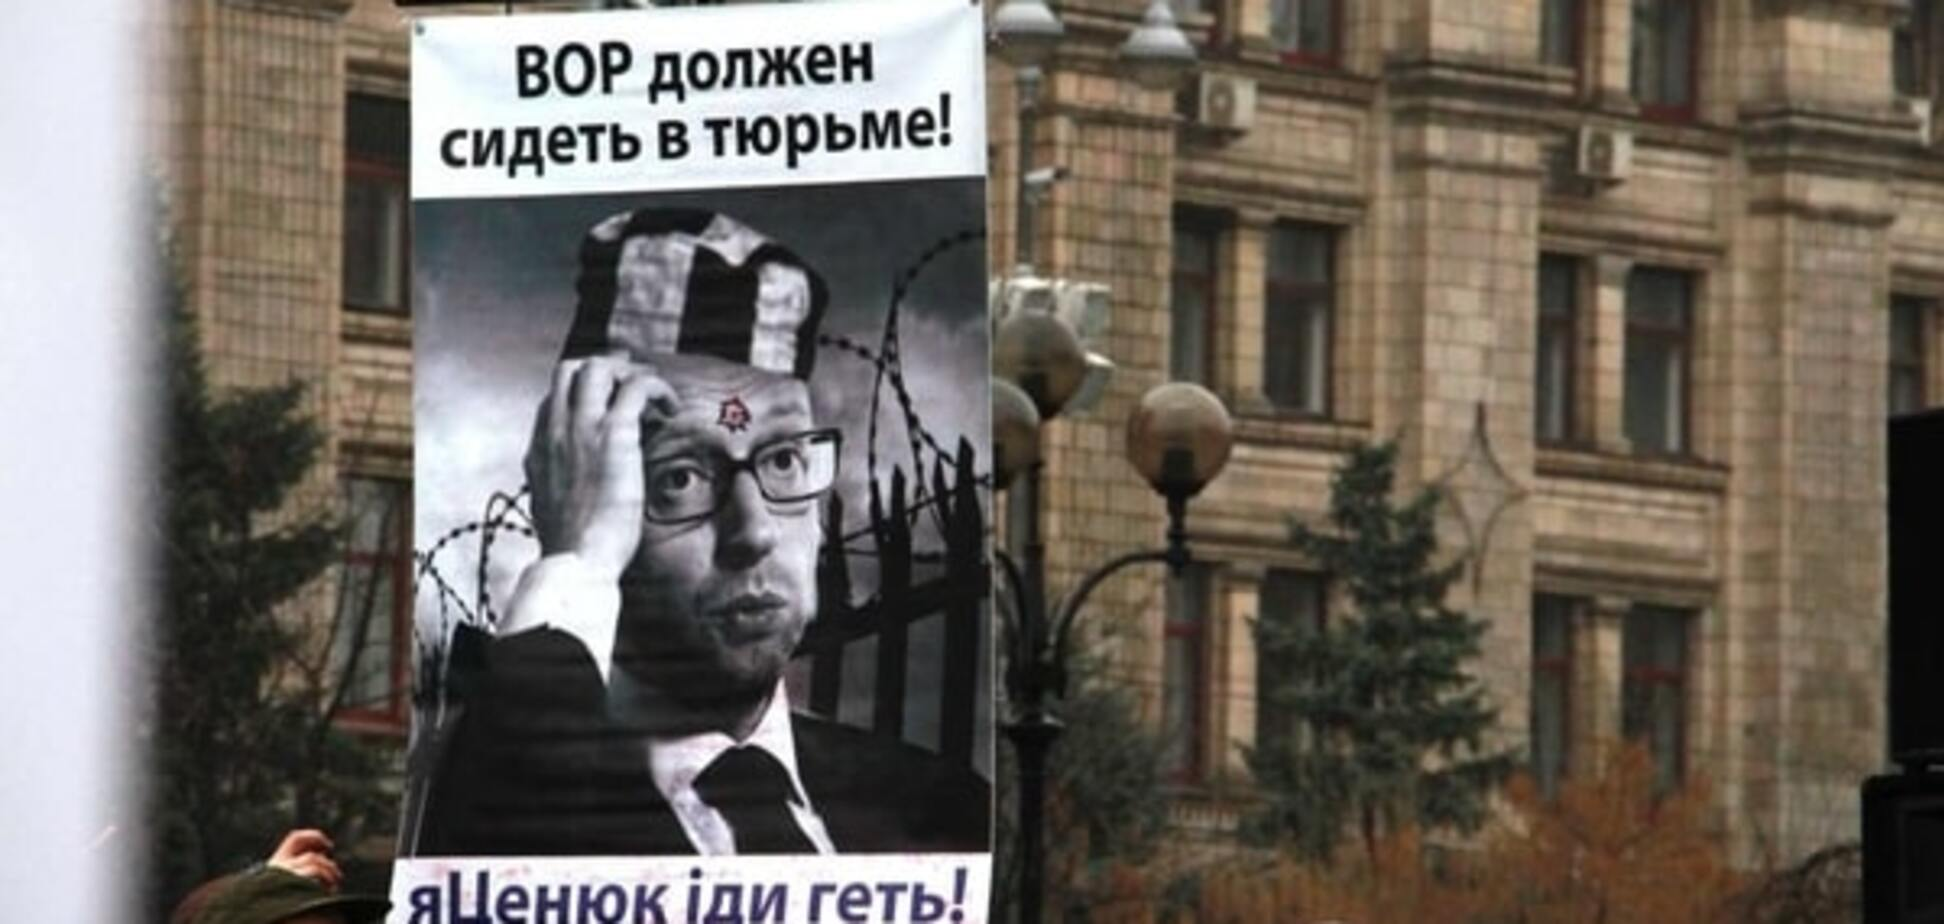 'Яценюка - геть!': на віче на Майдані закликали до відставки Кабміну